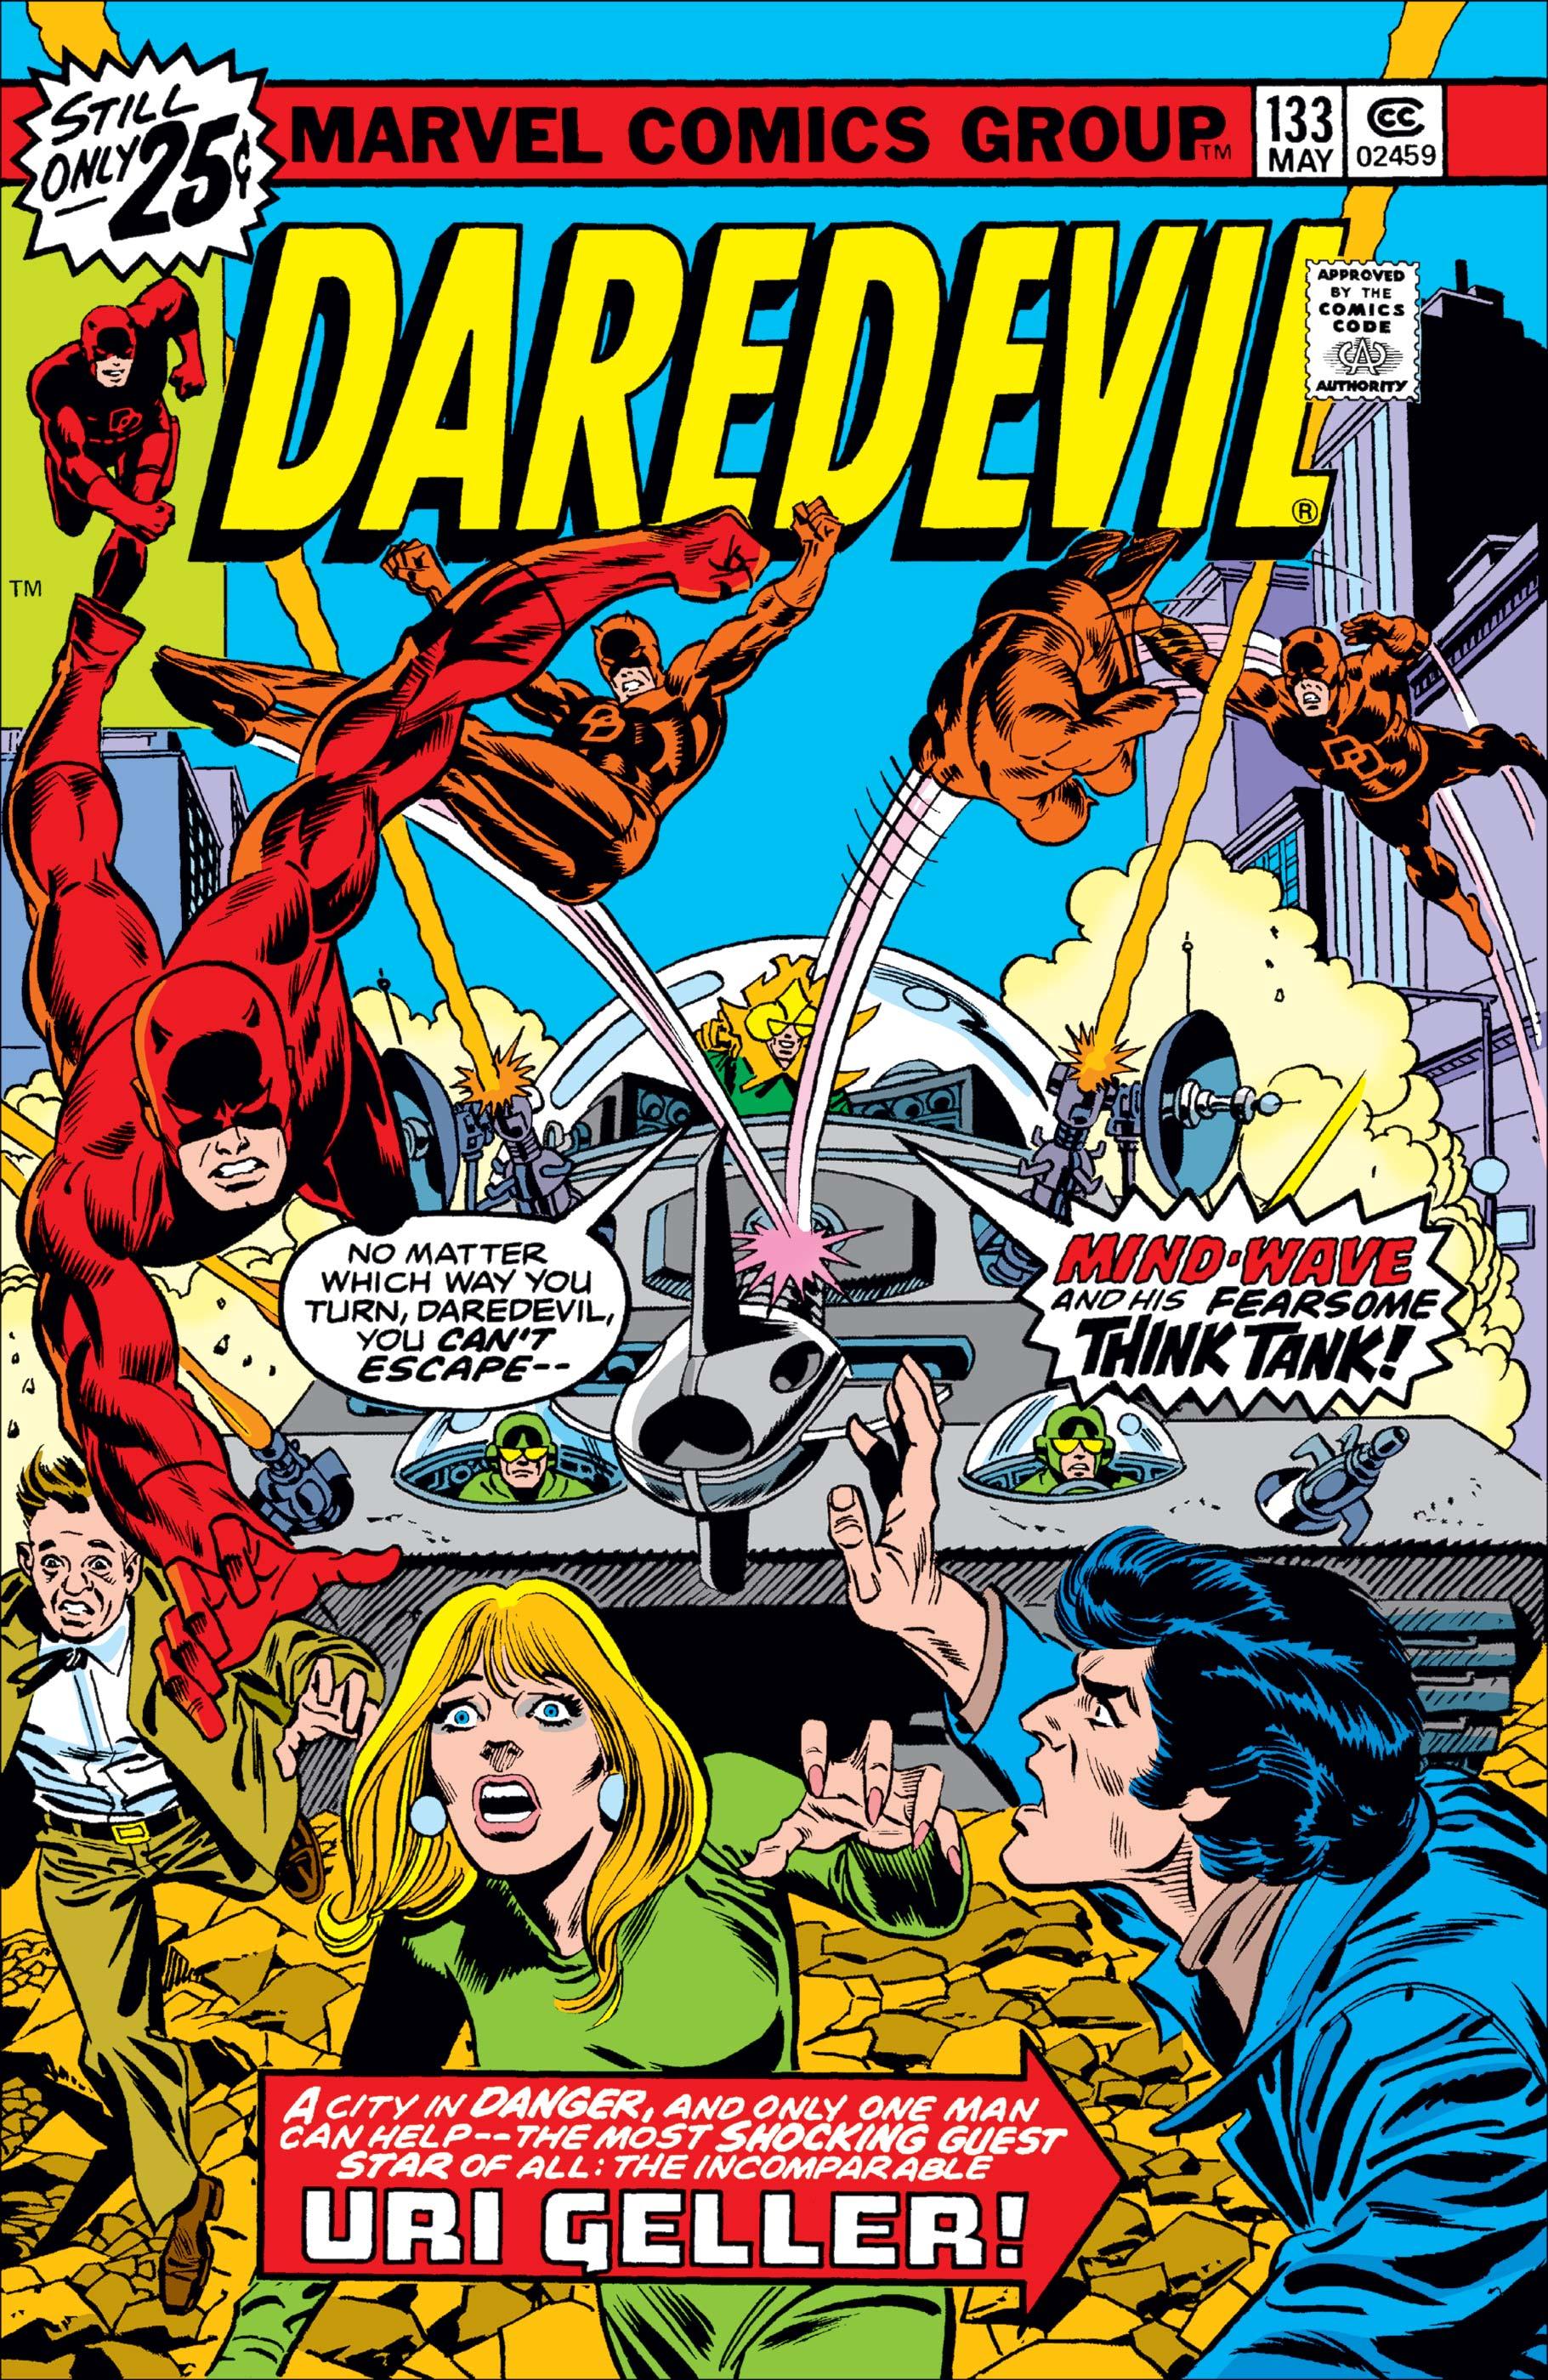 Daredevil (1964) #133